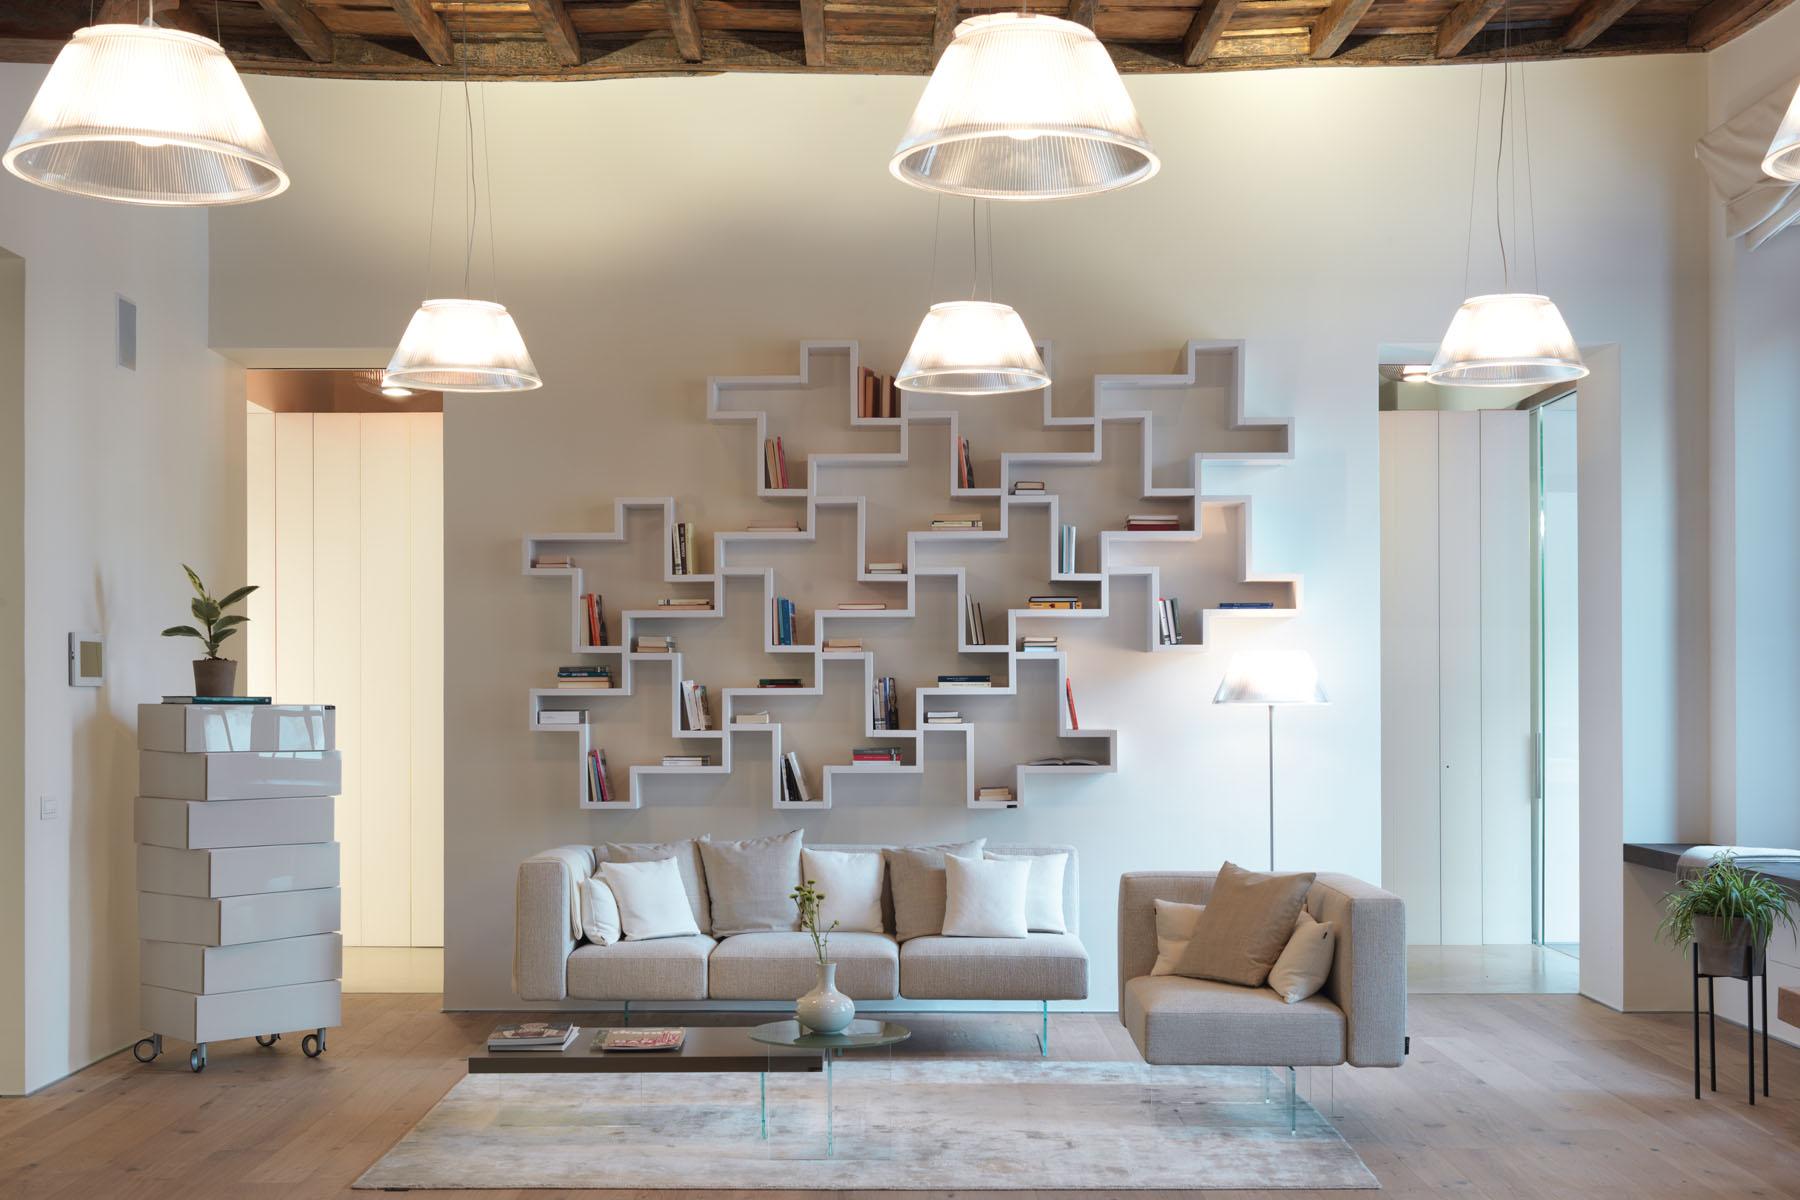 Mobili per il soggiorno idee per arredare il soggiorno for Mobili per soggiorno